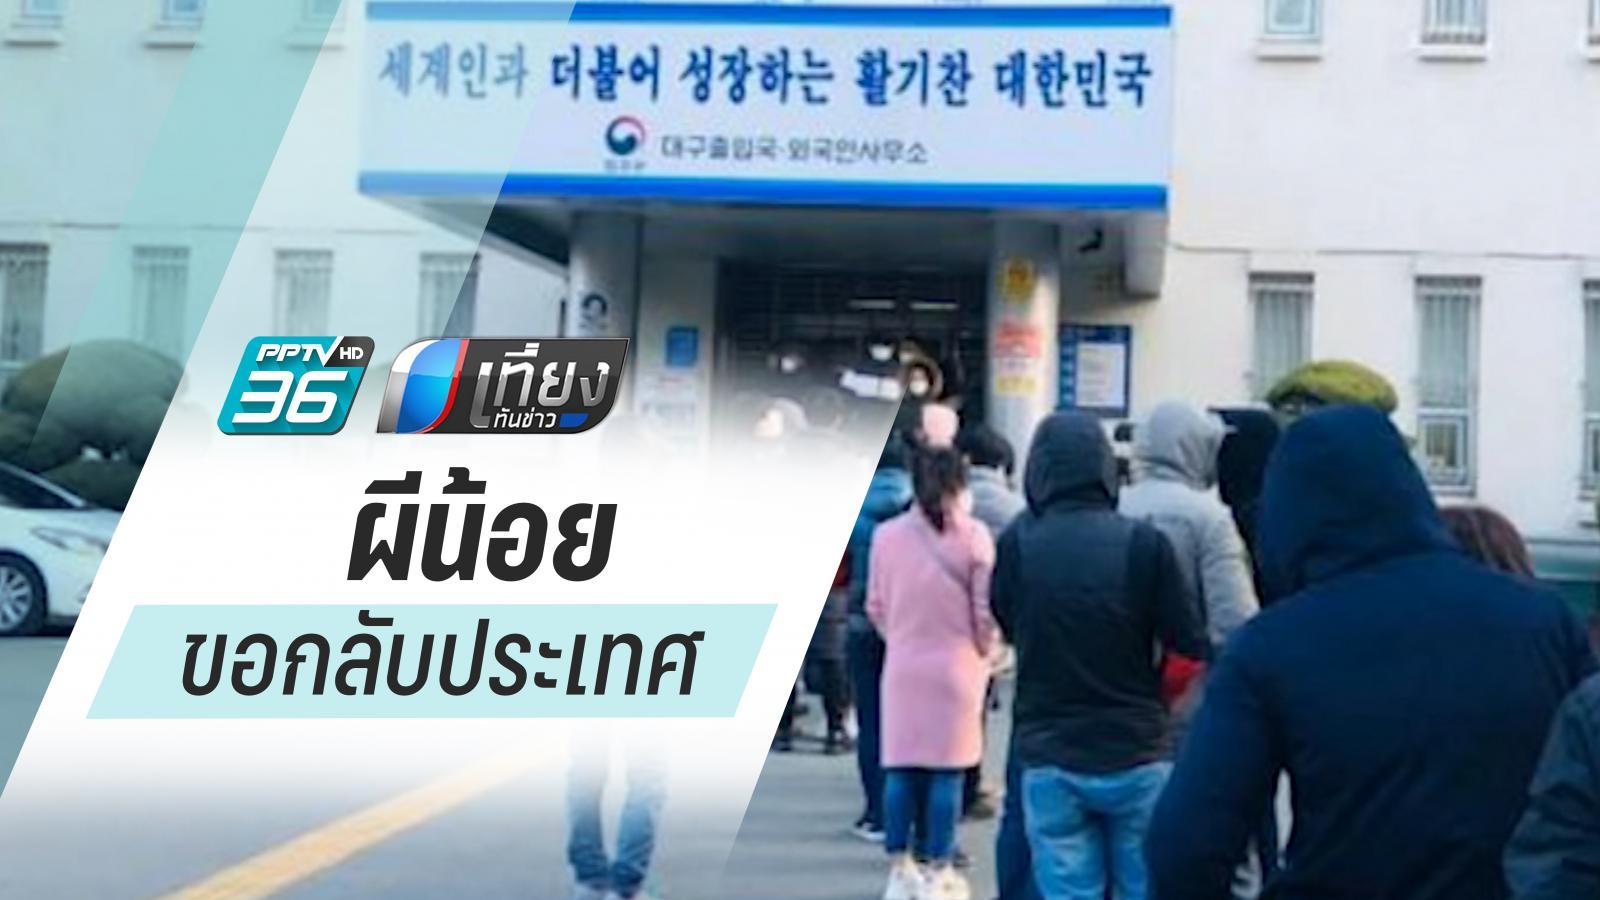 ผีน้อยเกาหลี 5,000 คน ลงทะเบียนขอกลับประเทศ หนีโควิด-19